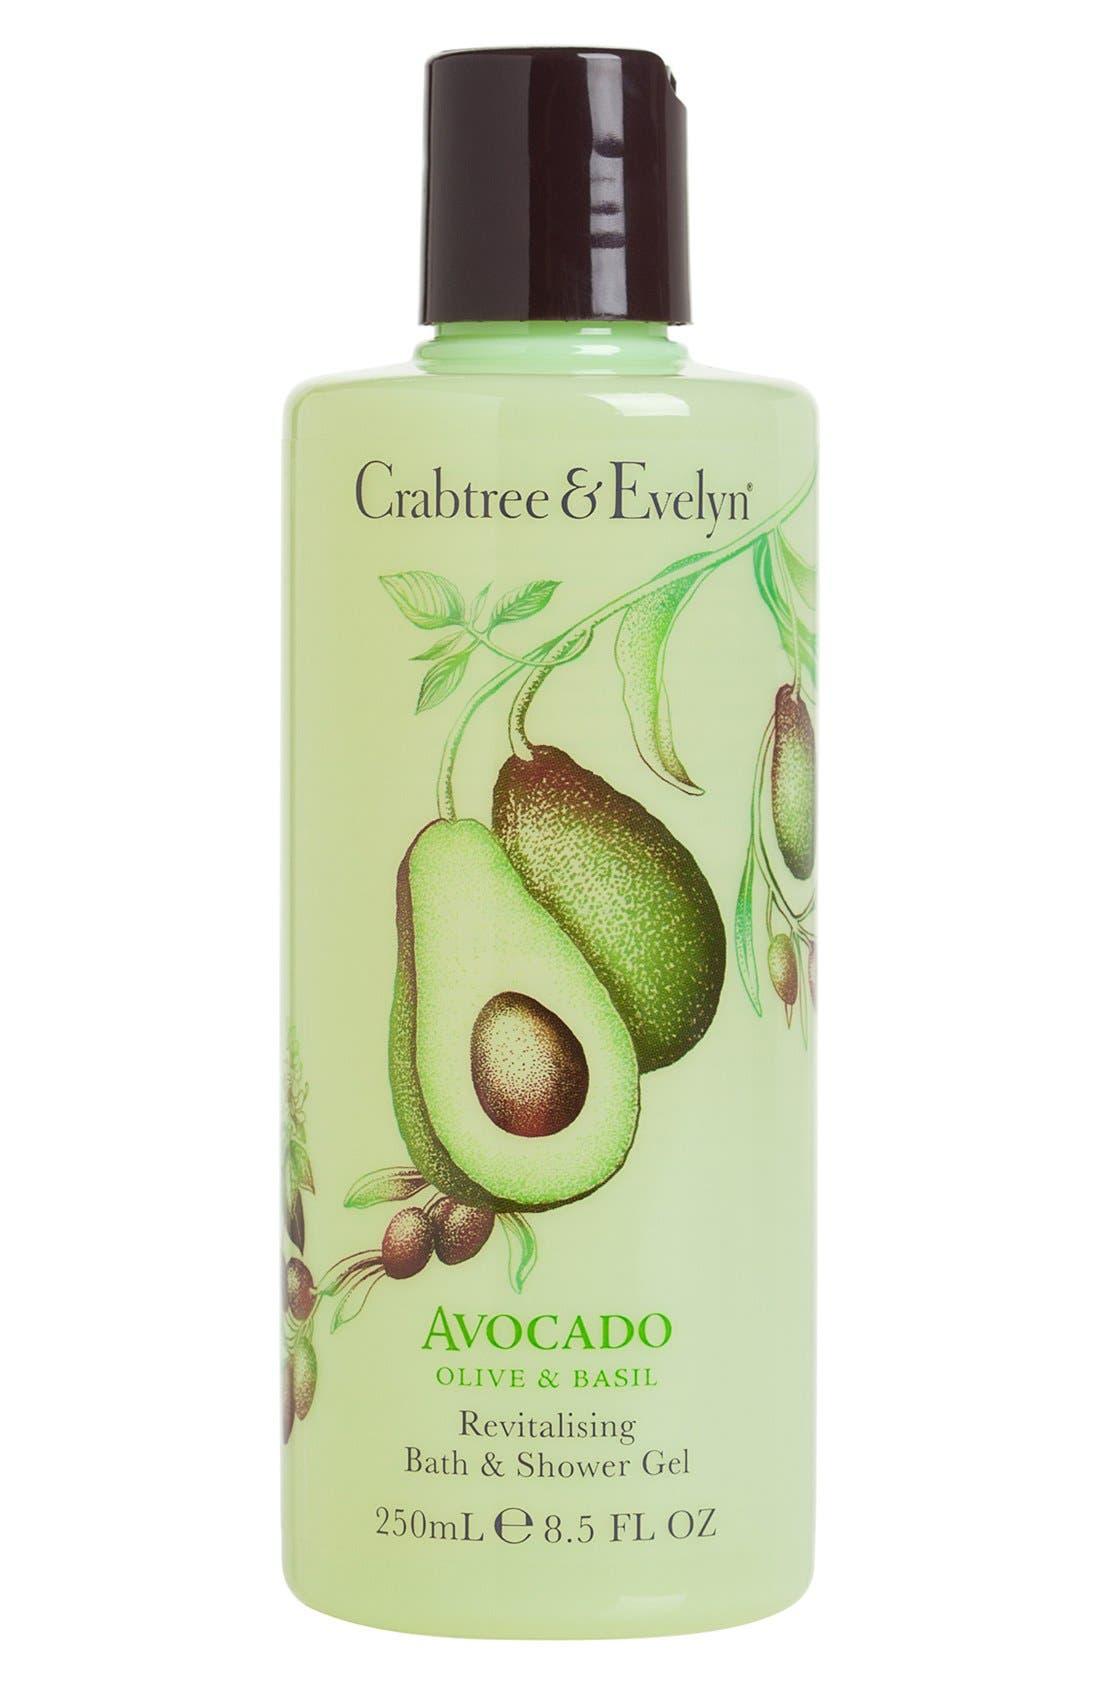 Crabtree & Evelyn 'Avocado, Olive & Basil' Bath & Shower Gel